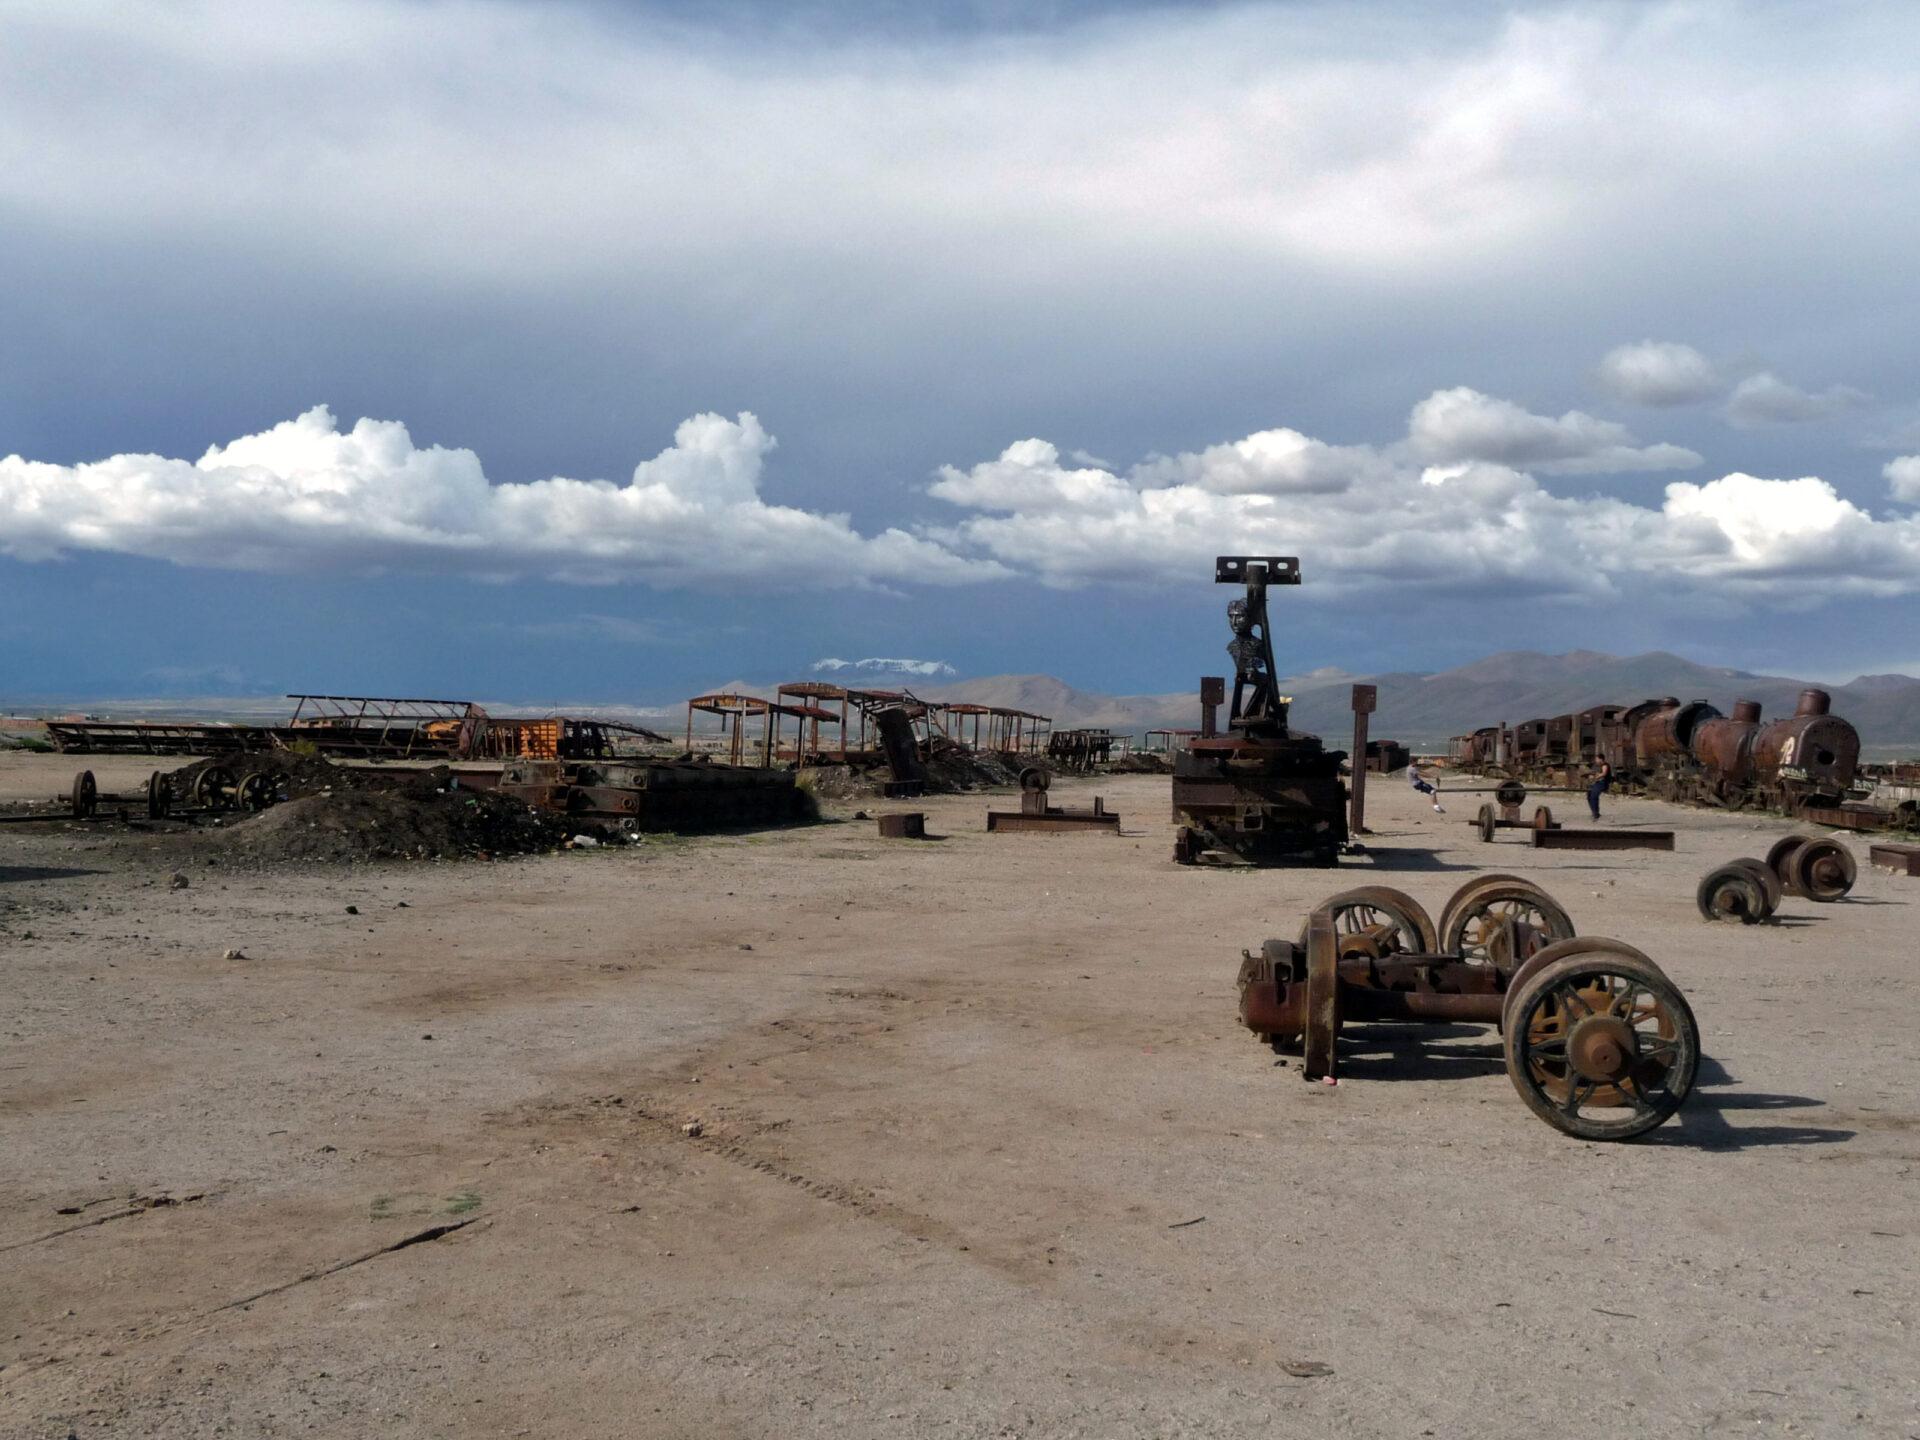 Последнее пристанище. Кладбище паровозов.